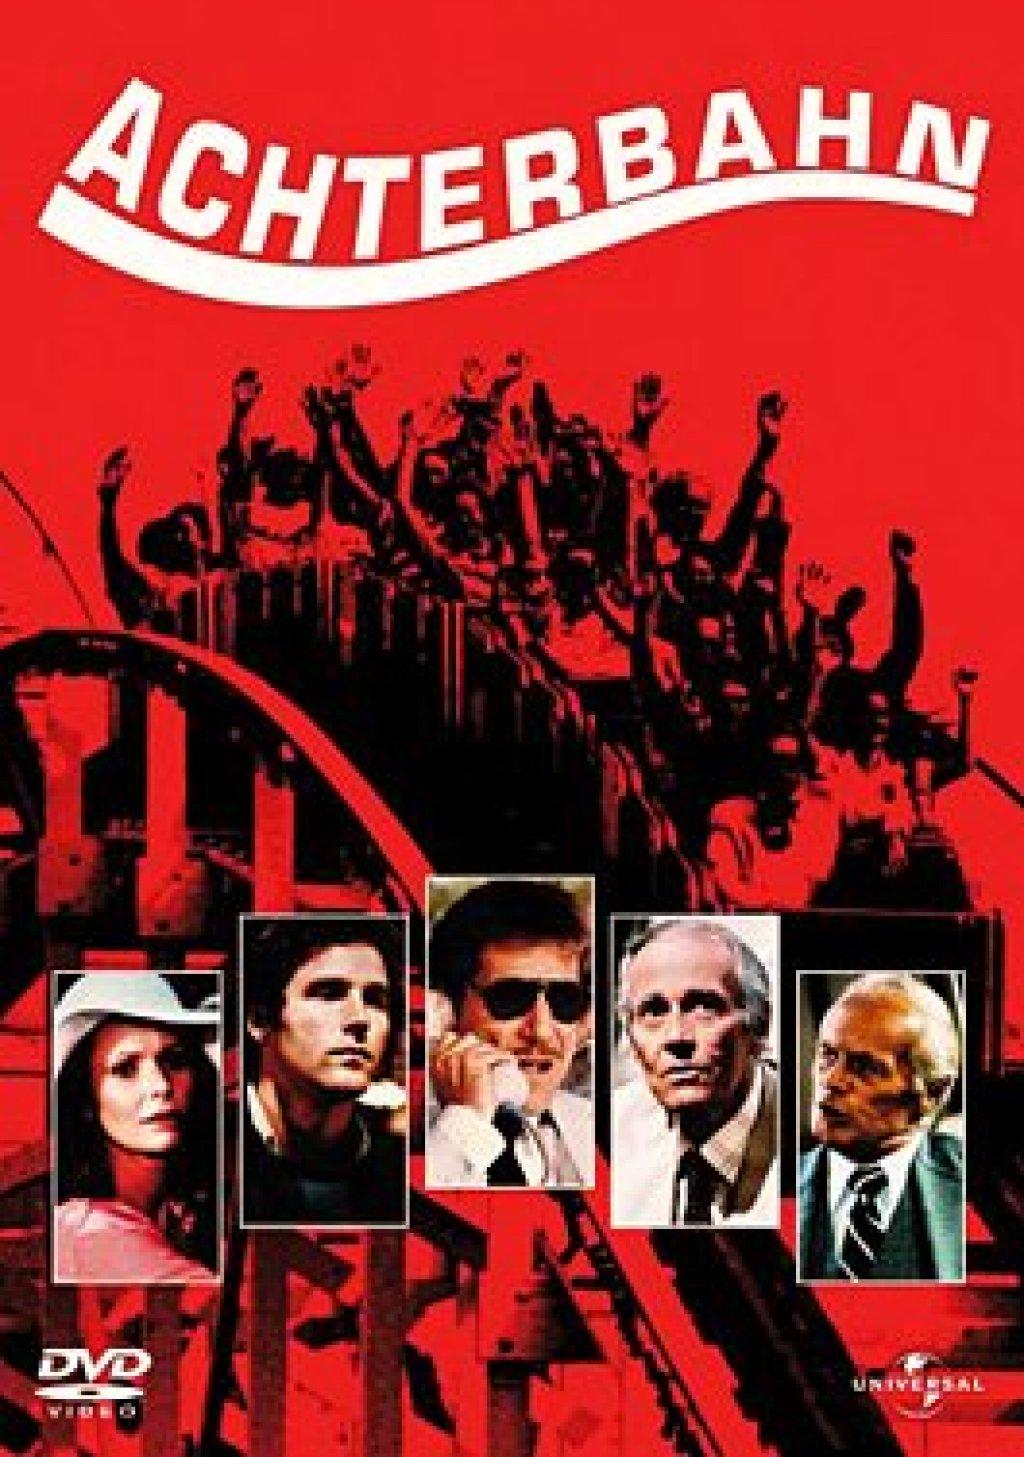 Achterbahn (DVD)